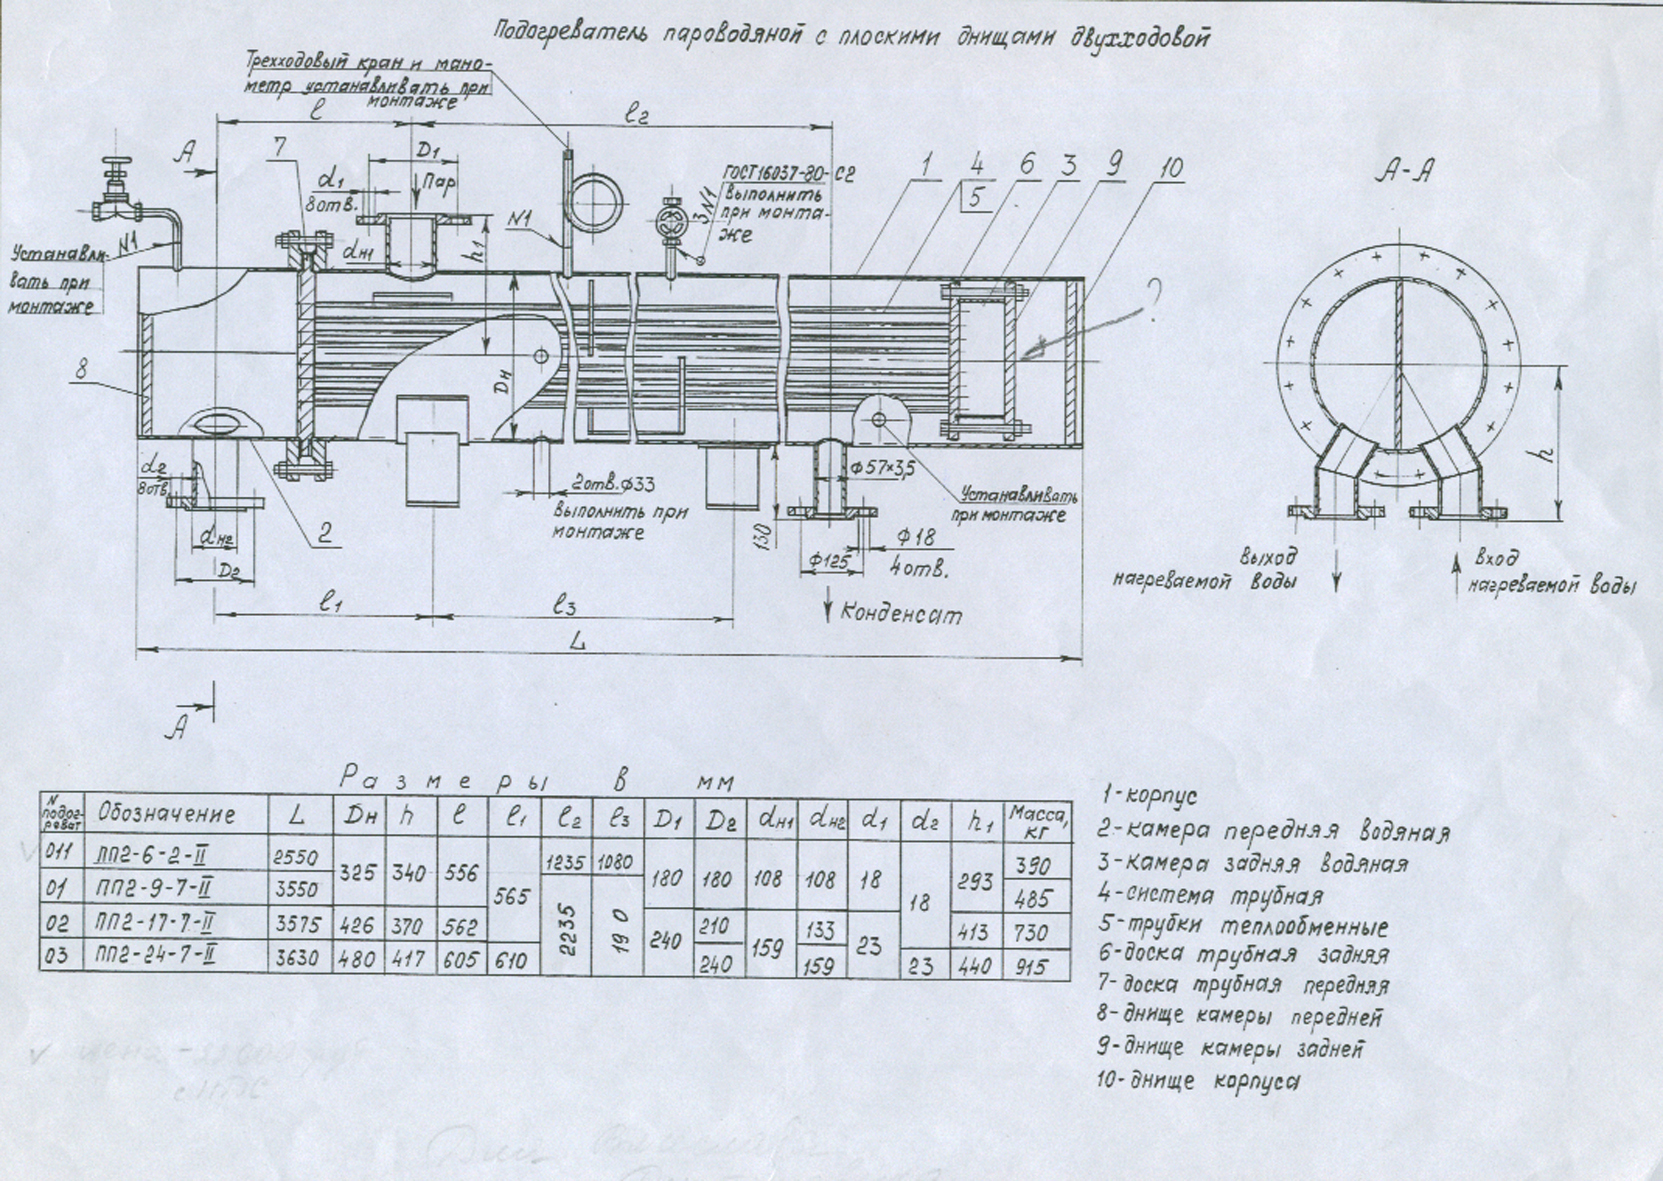 Пароводяной подогреватель ПП 1-32-7-4 Артём Паяный теплообменник KAORI K210 Москва